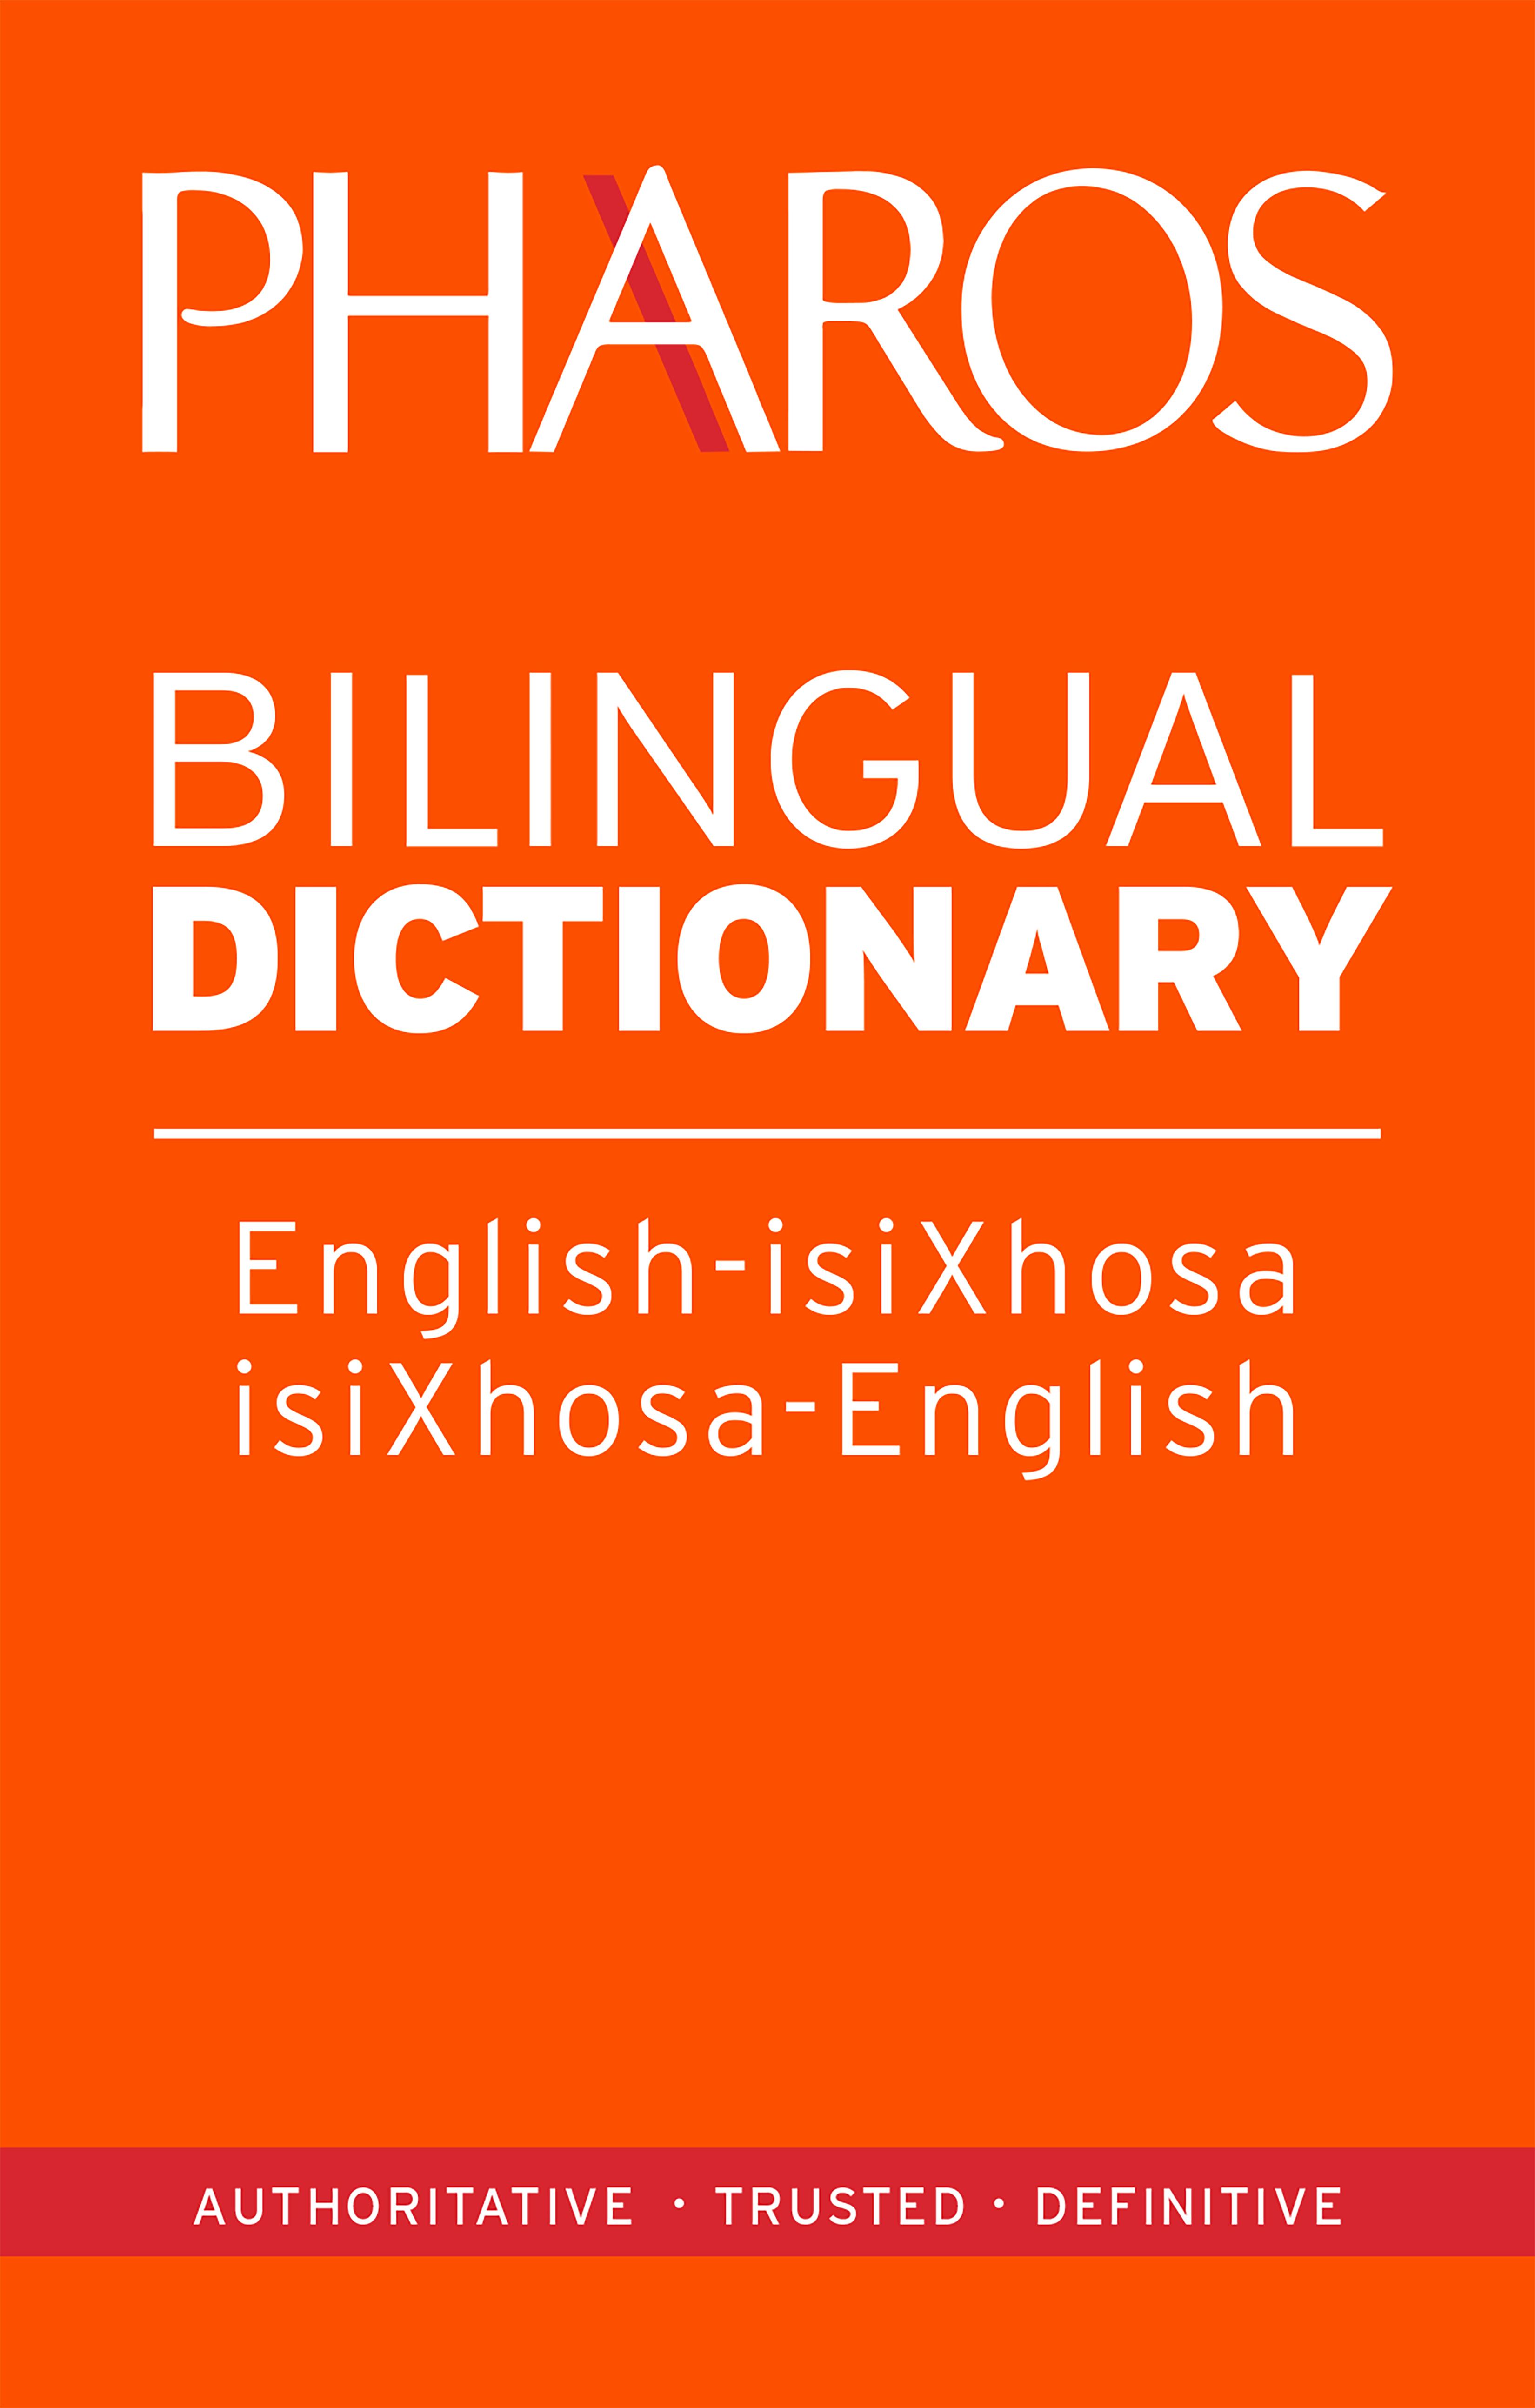 Pharos English-IsiXhosa/IsiXhosa-English Bilingual Dictionary